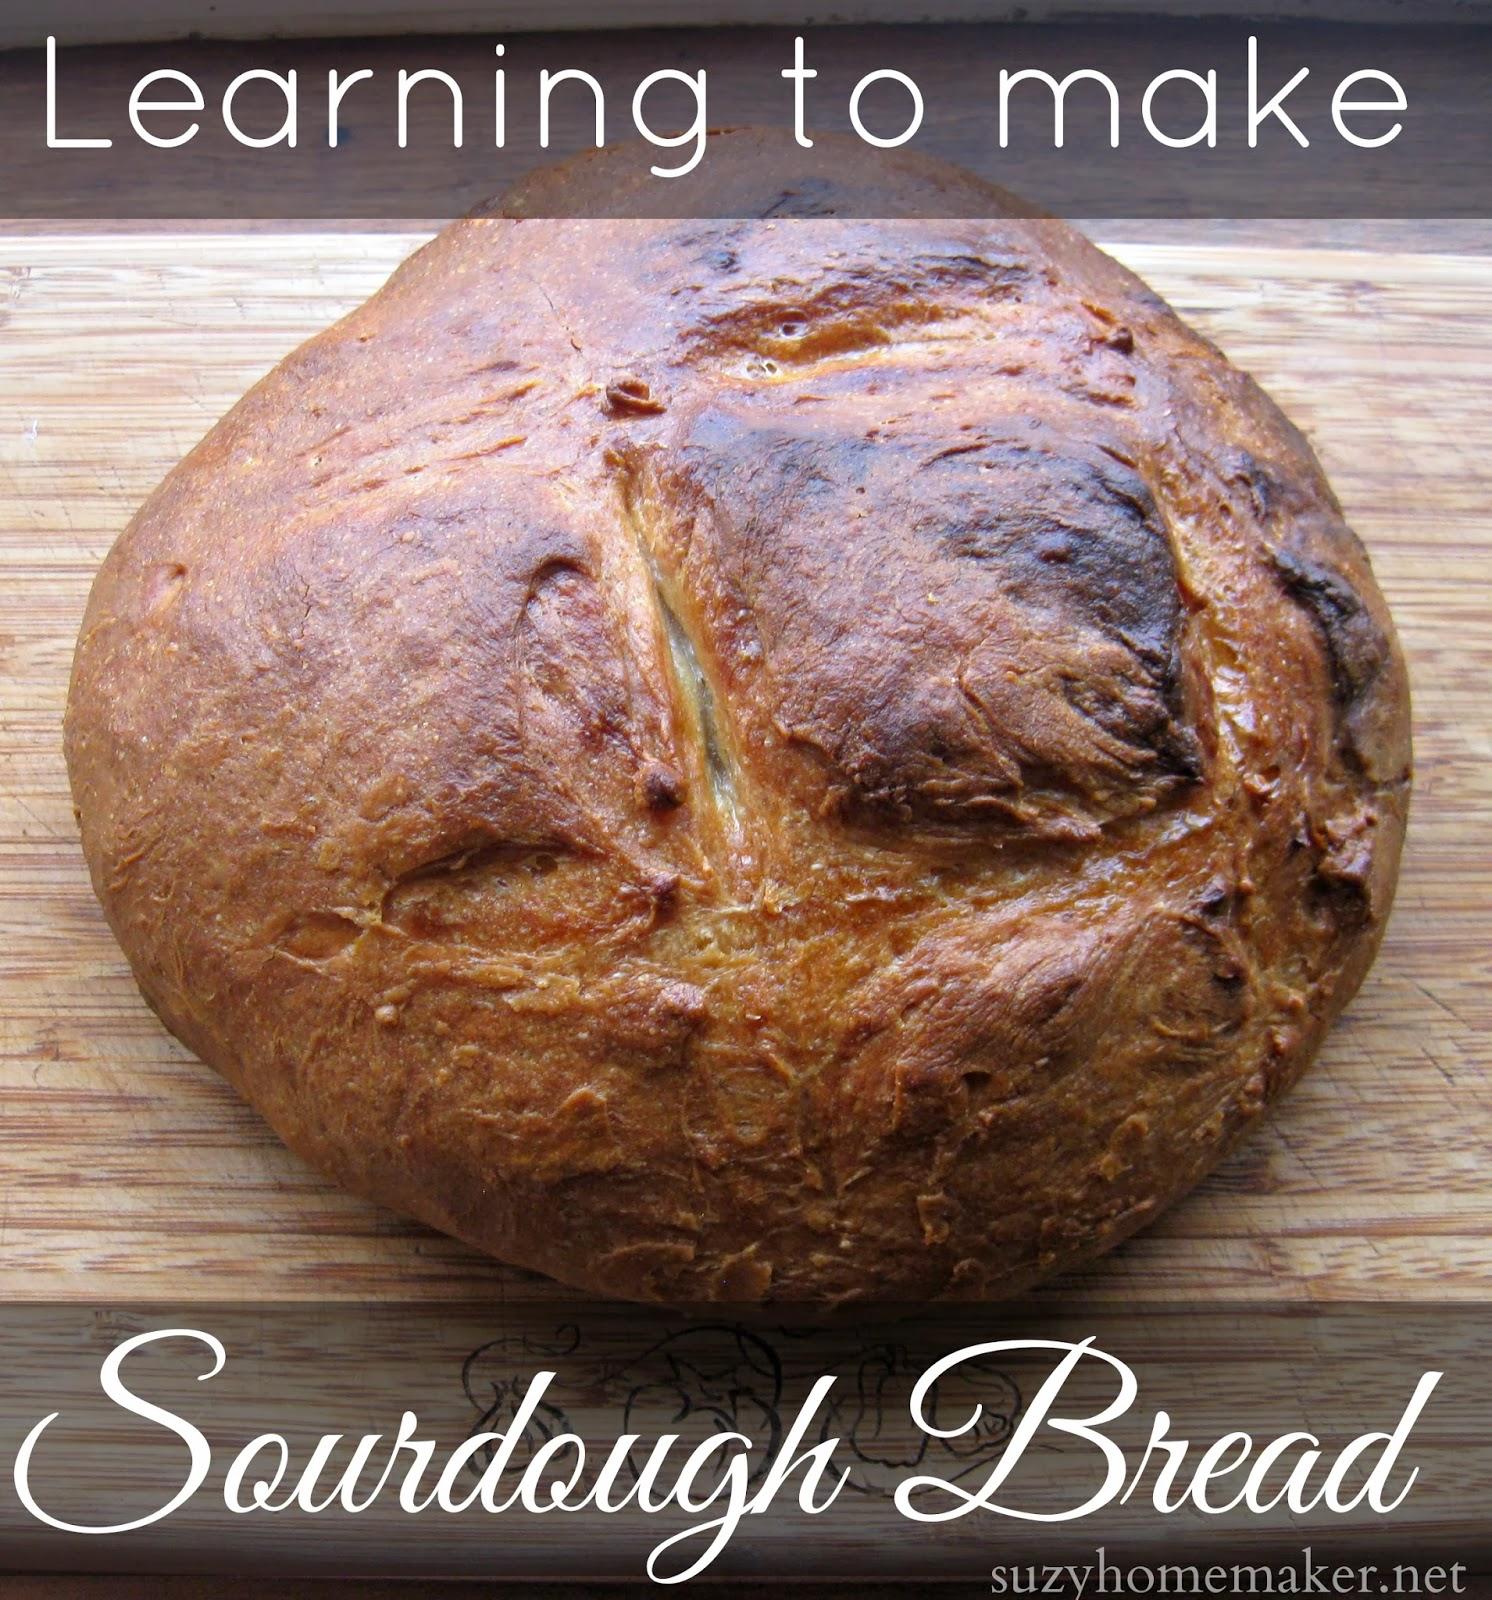 Learning to make sourdough bread | suzyhomemaker.net